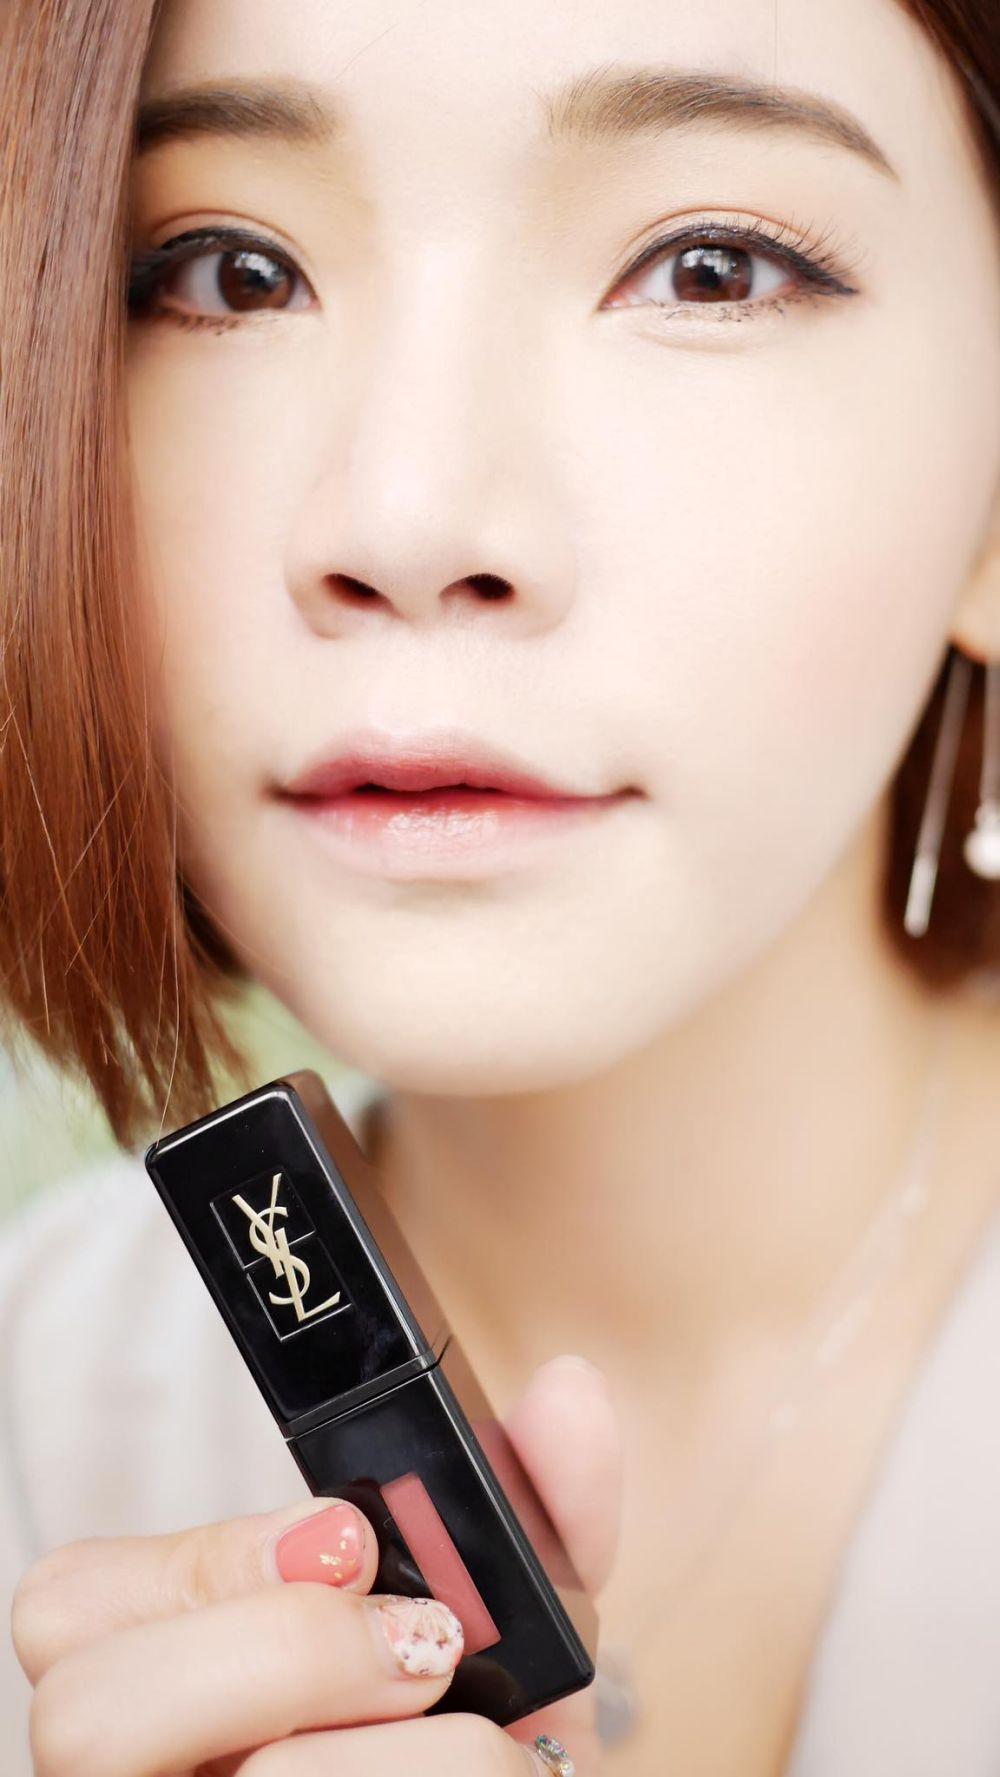 目前擁有的YSL情挑誘光水唇膏、漆光唇釉、鏡光唇釉、精萃 共12色試色文 :))